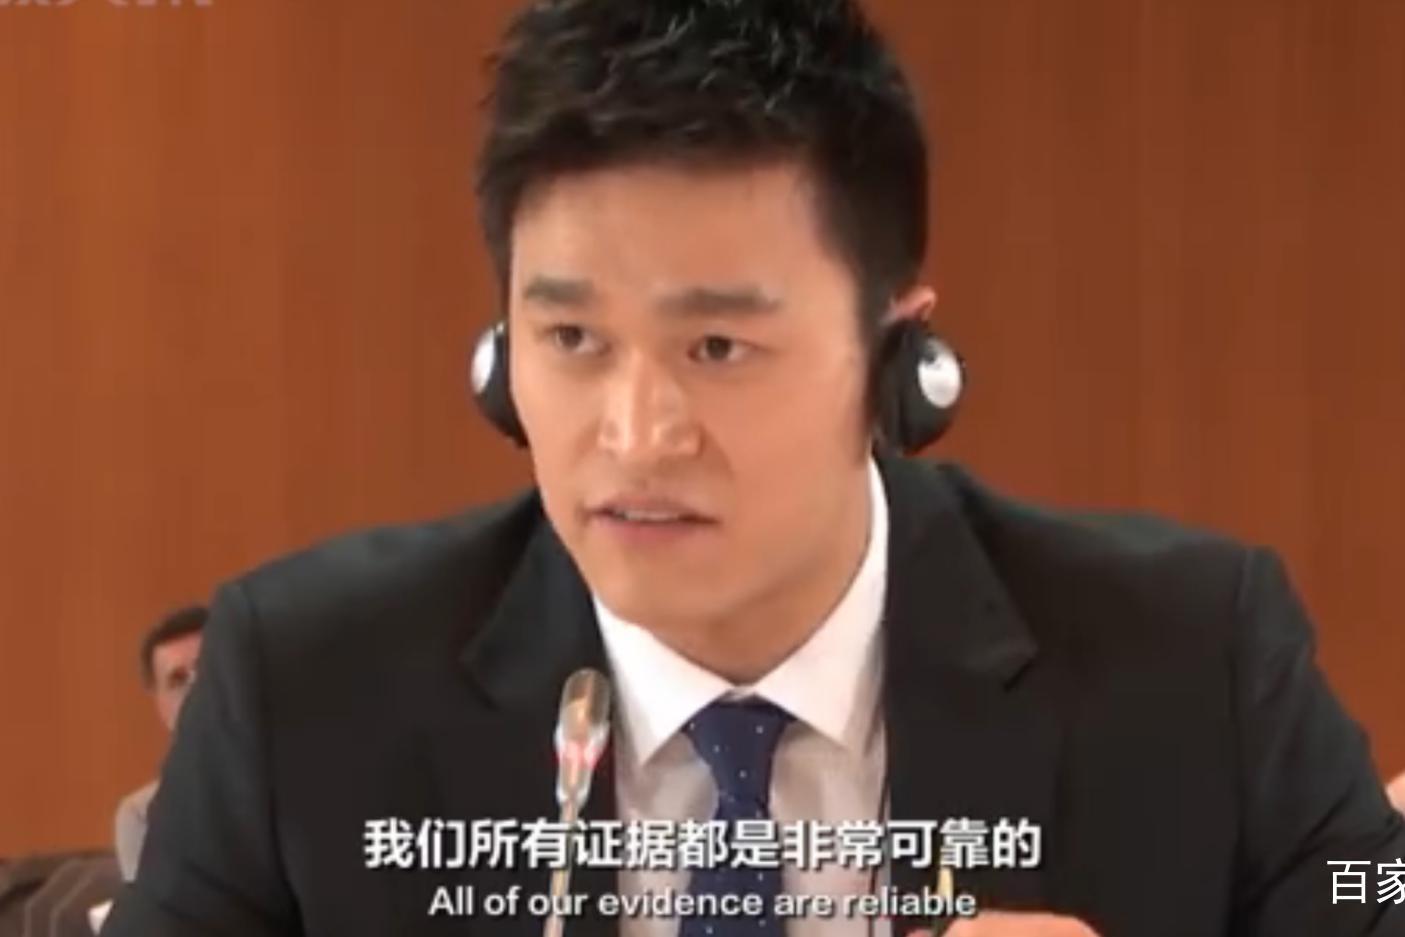 孙杨庭审3次更改证词,说血检官拿血样瓶,队医却承认自己拿的